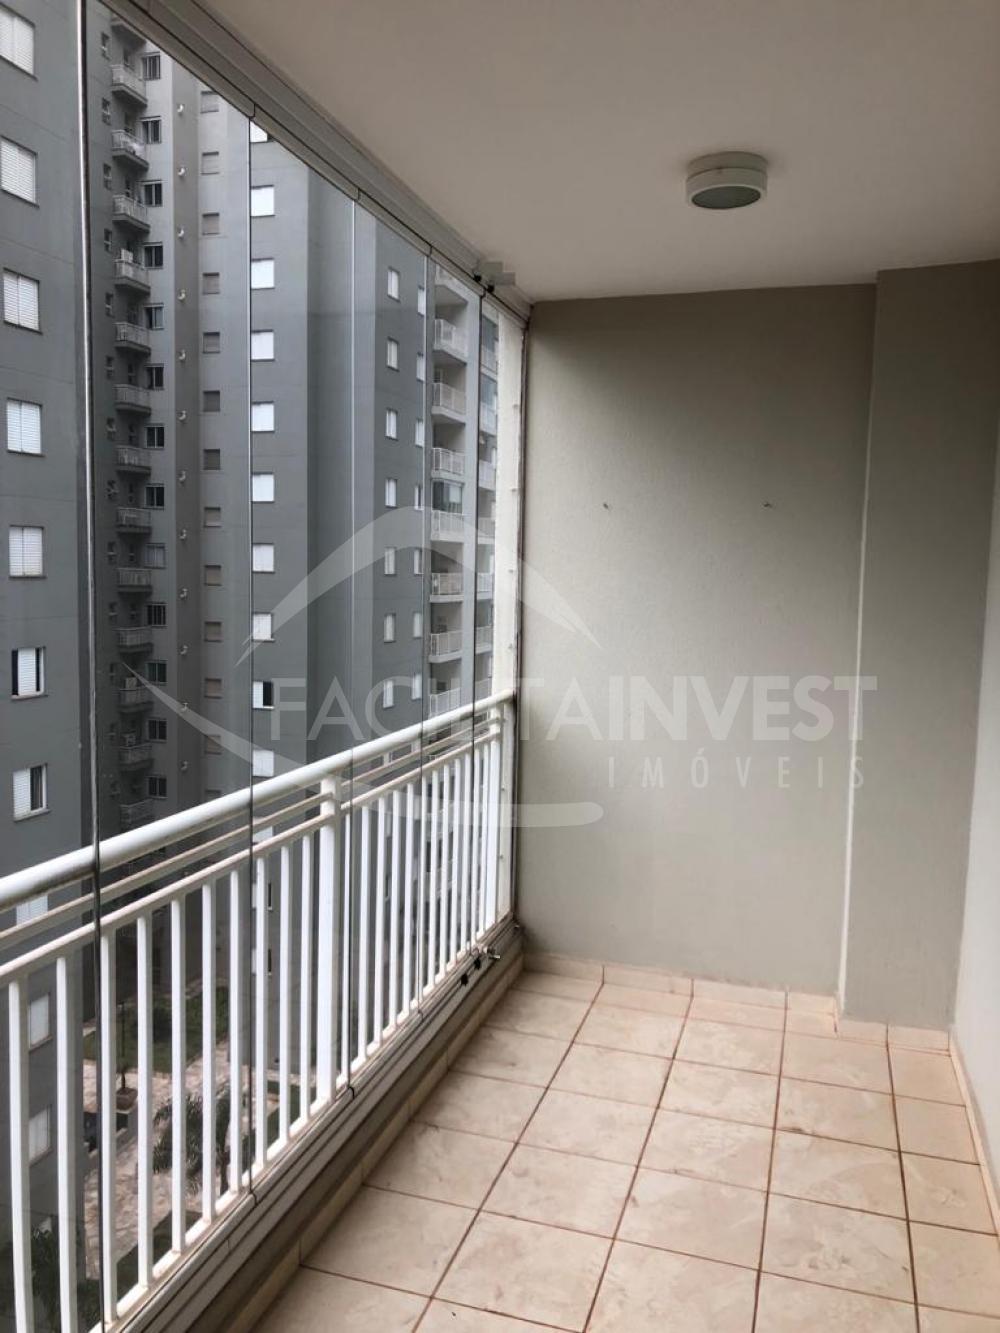 Comprar Apartamentos / Apart. Padrão em Ribeirão Preto apenas R$ 550.000,00 - Foto 22